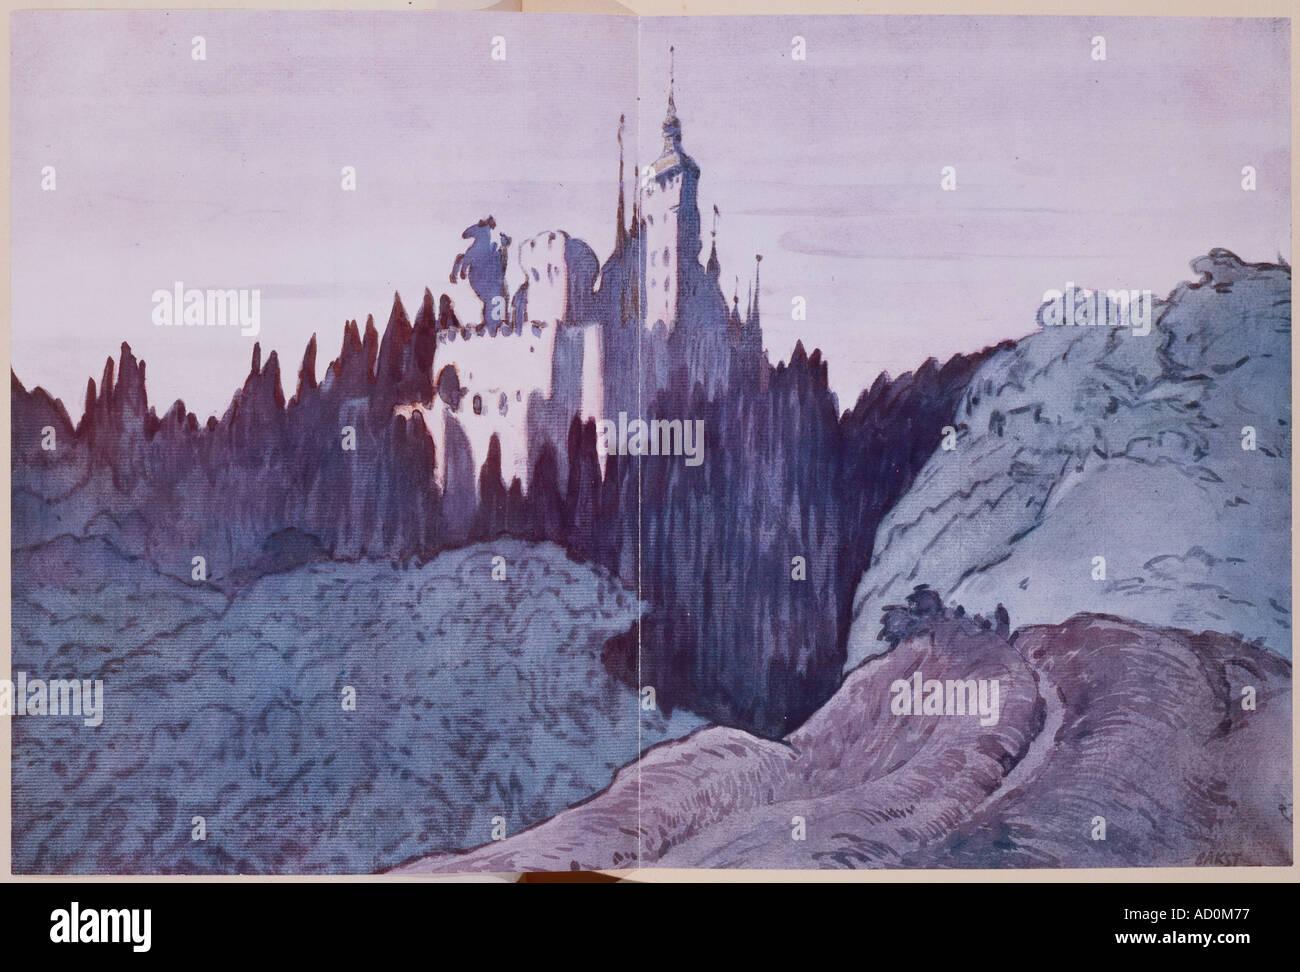 Landschaft-Design für The Sleeping Princess von Leon Bakst für Diaghilews Ballets Russes, c.1921 Stockbild